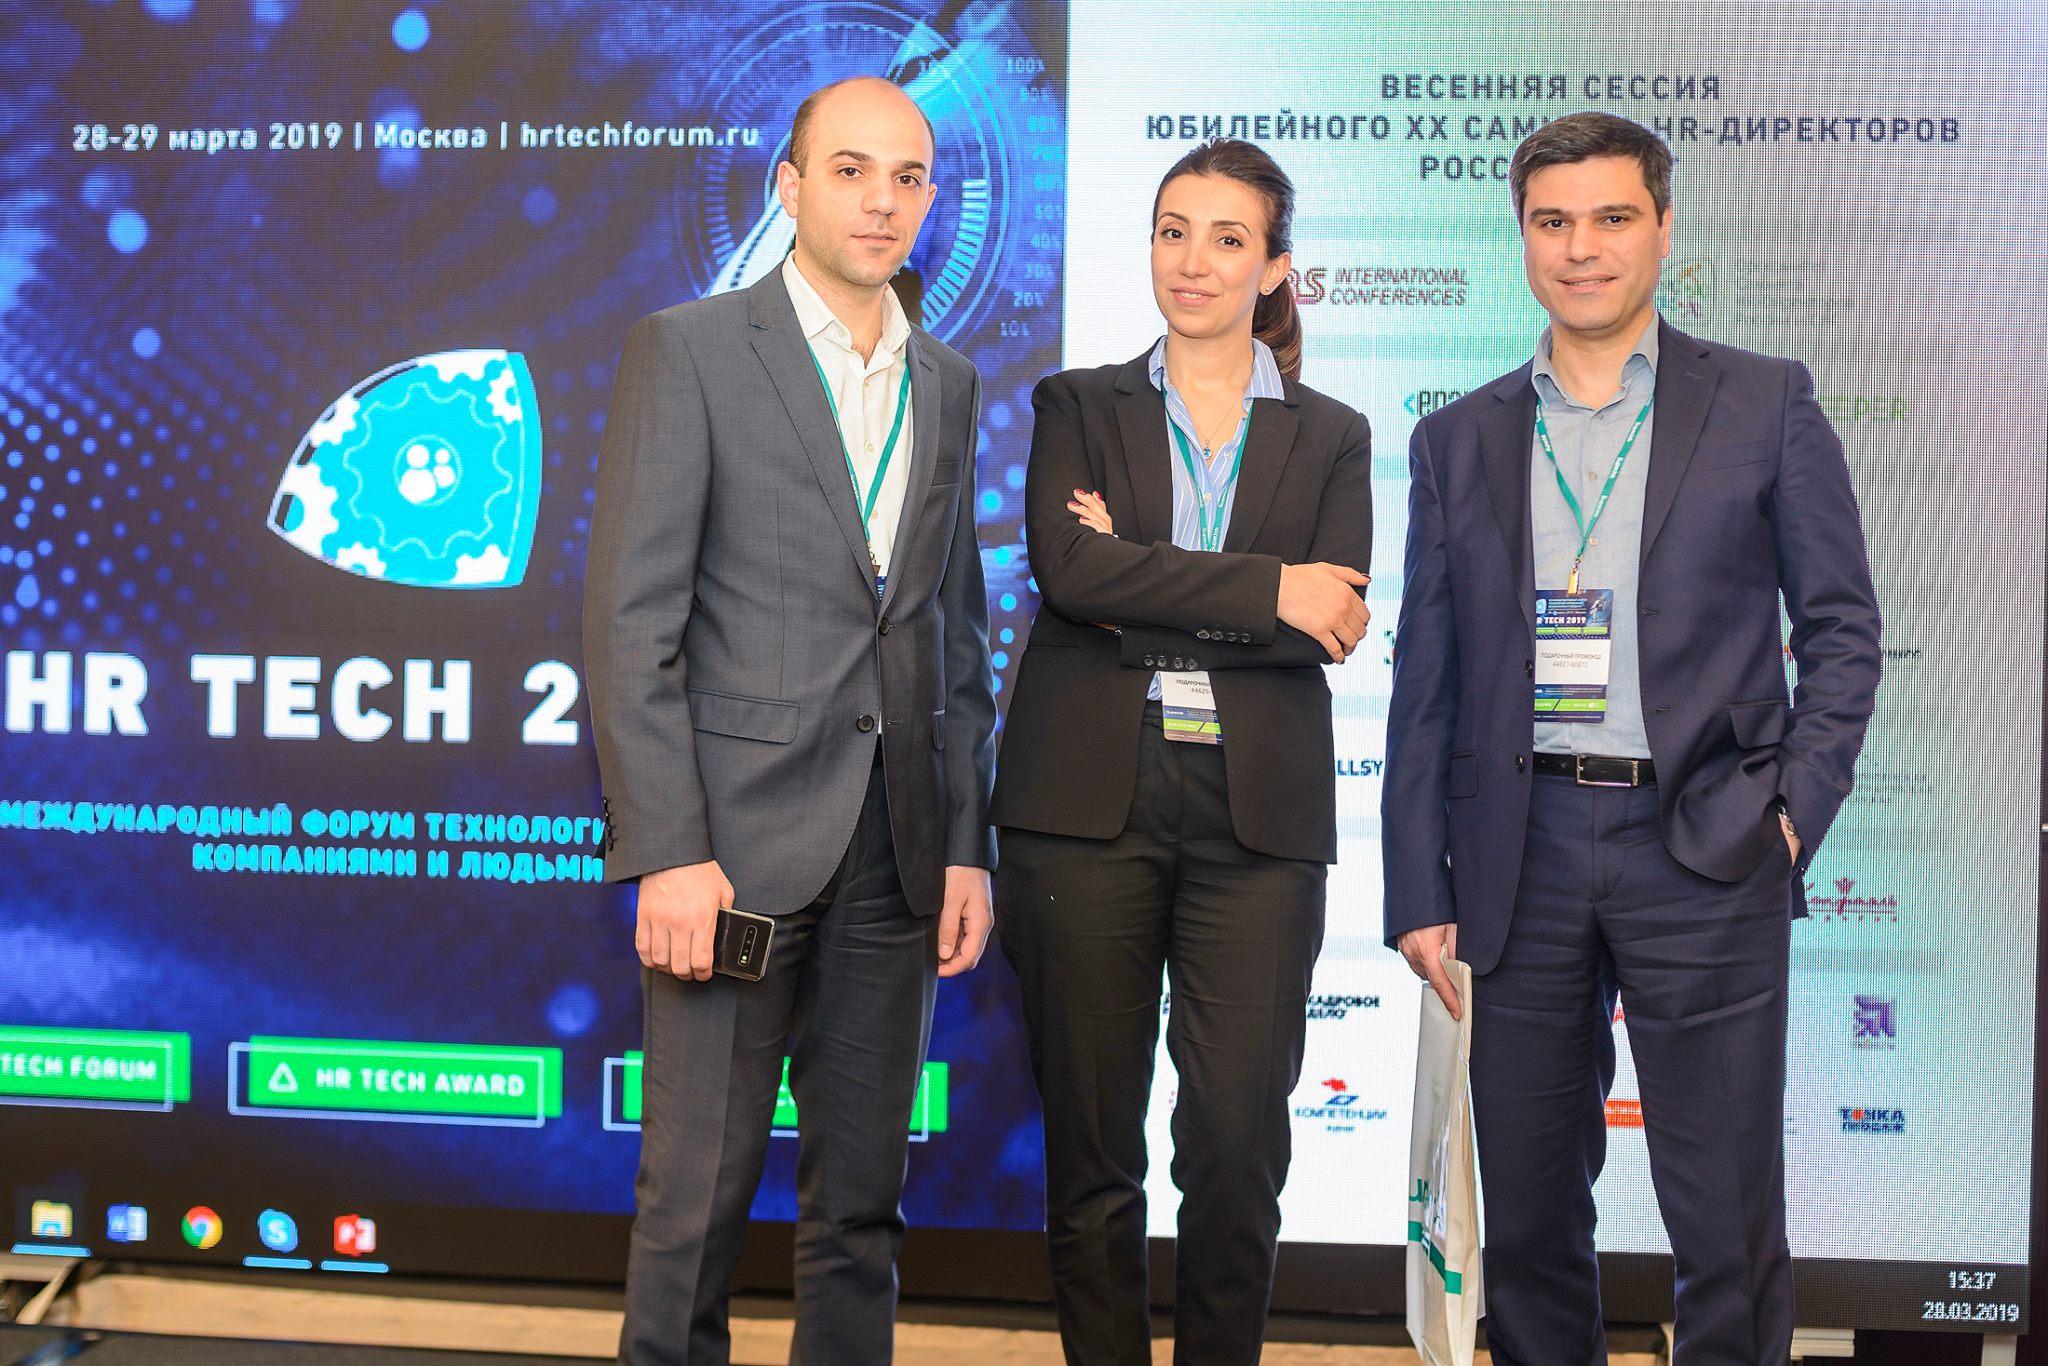 ԱԿԲԱ-ԿՐԵԴԻՏ ԱԳՐԻԿՈԼ Բանկը հաղթող է ճանաչվել «HR-TECH 2019»-ում